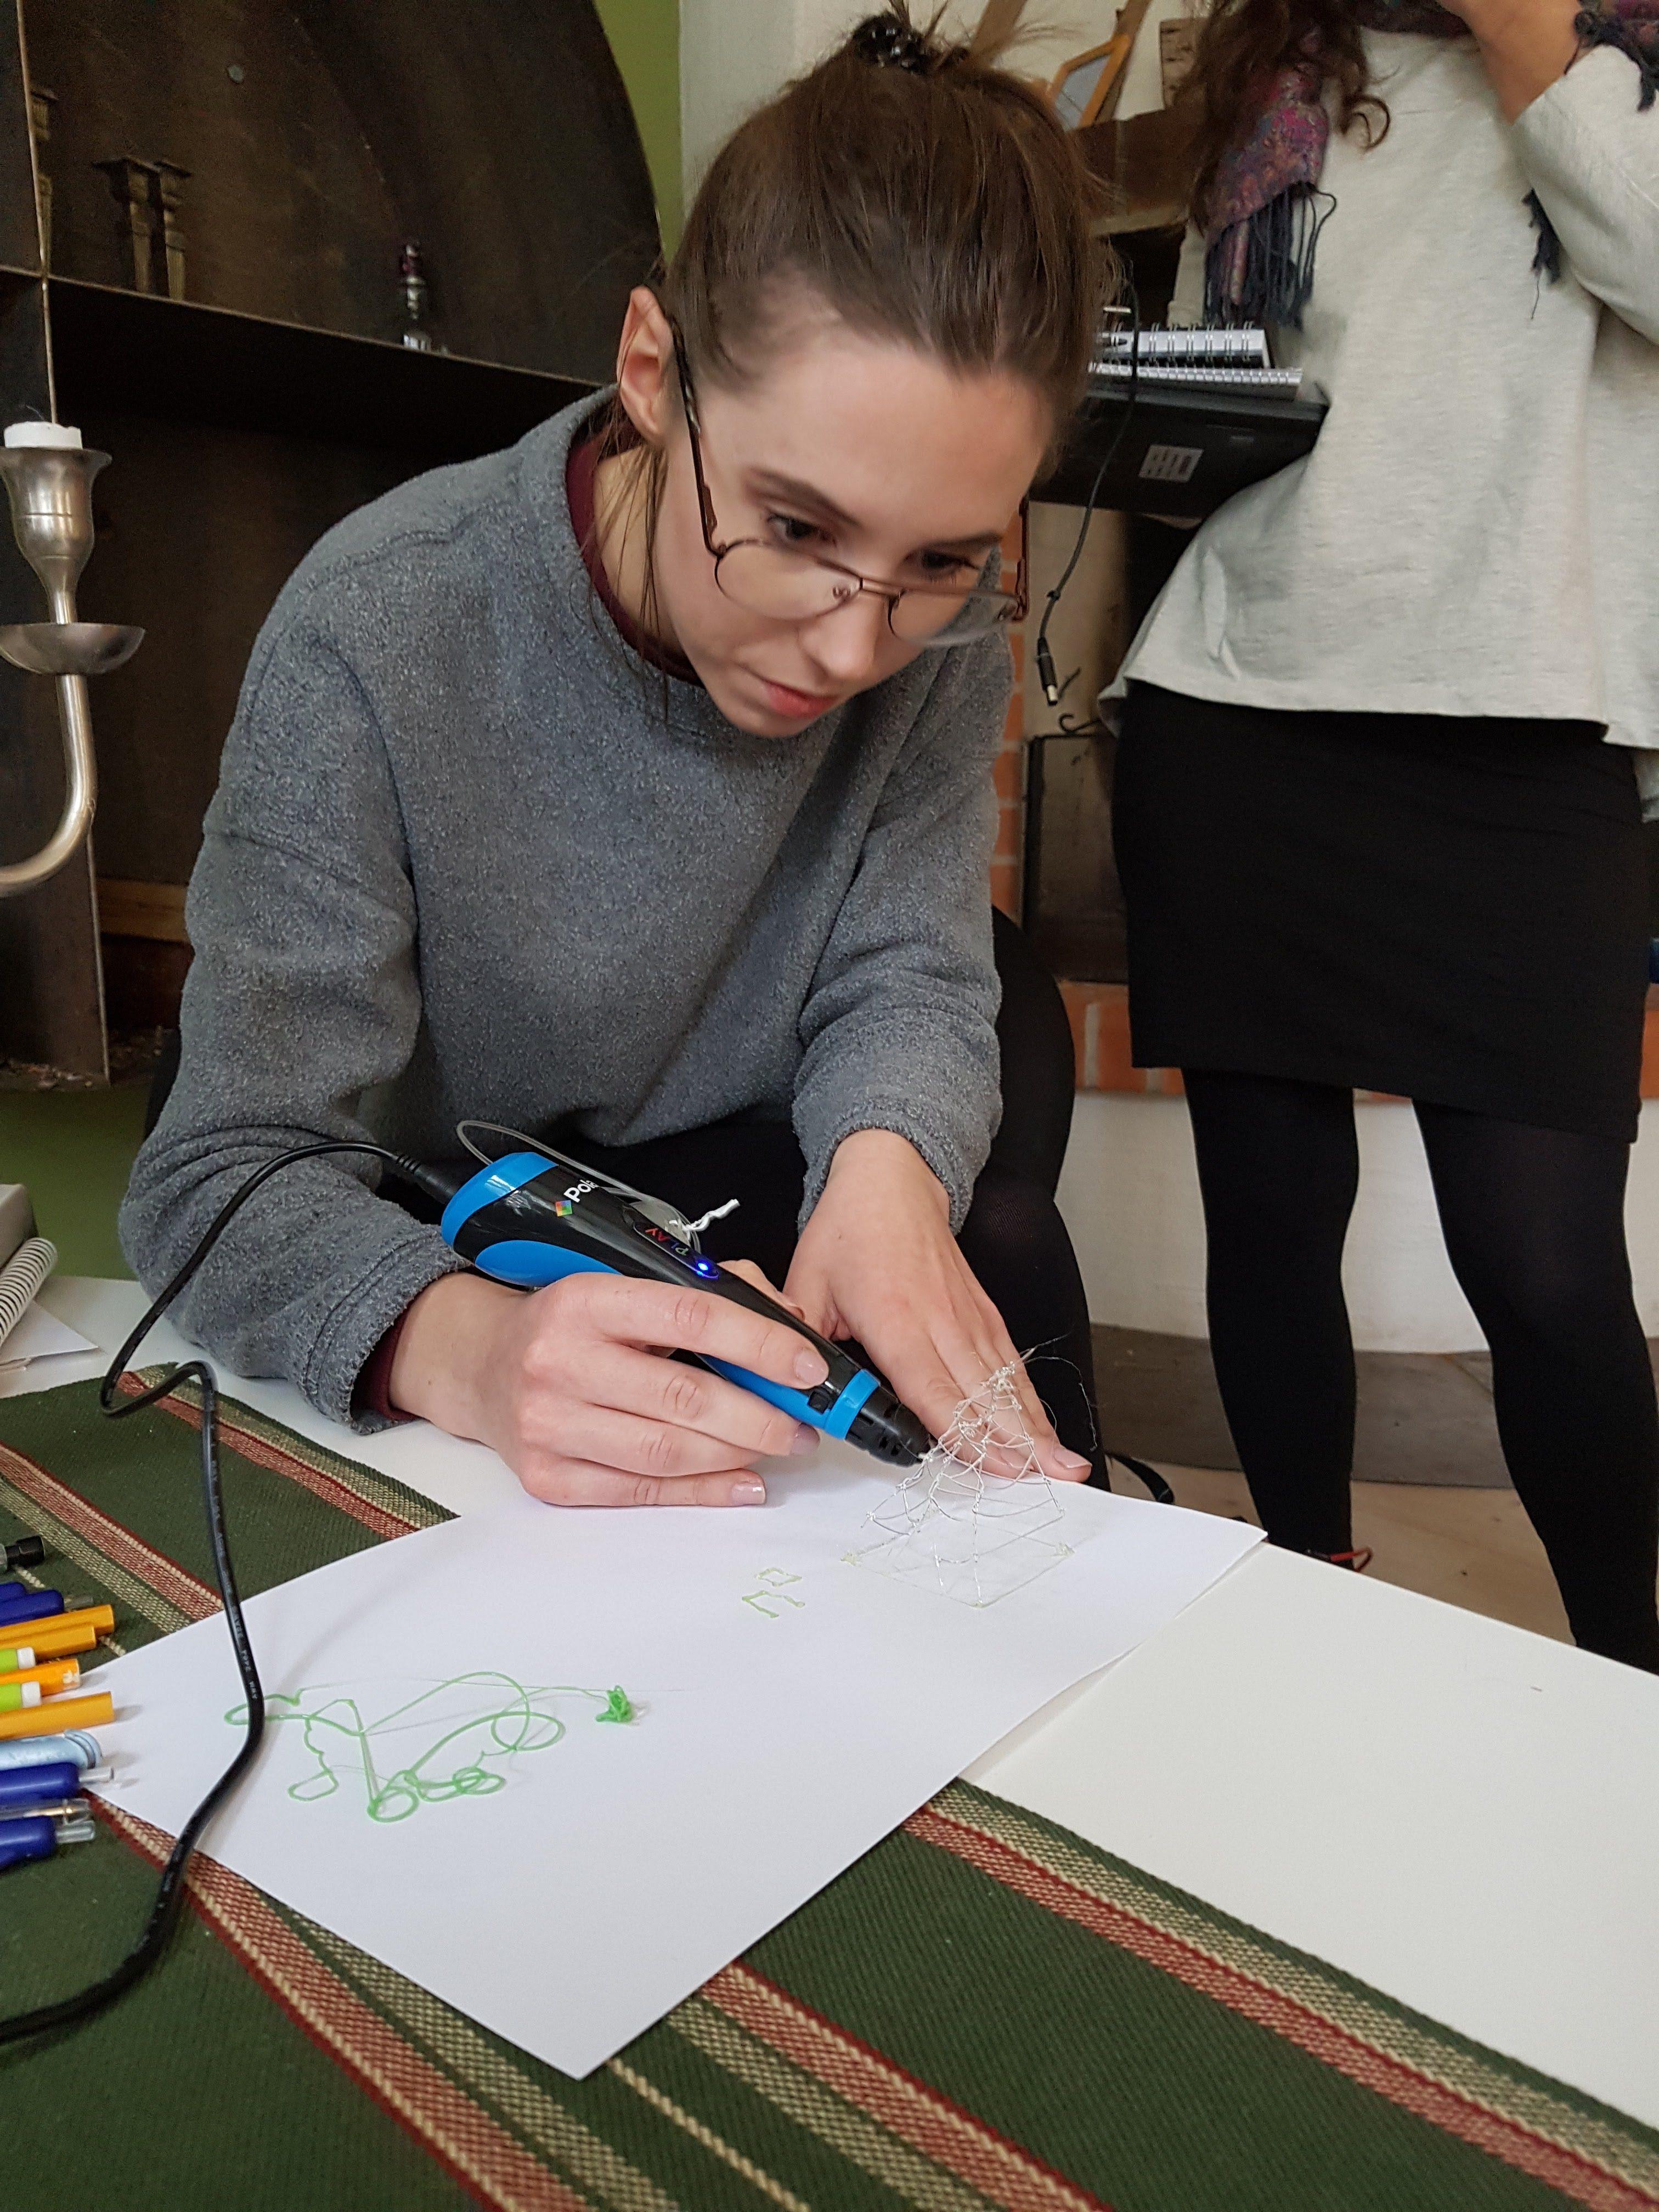 Ett tips är att man kan skriva ut saker man vill rita med 3D-penna på  papper så kan man sedan följa linjerna. Vi gjorde så för att göra en  vargmedaljong 098cddbc22152